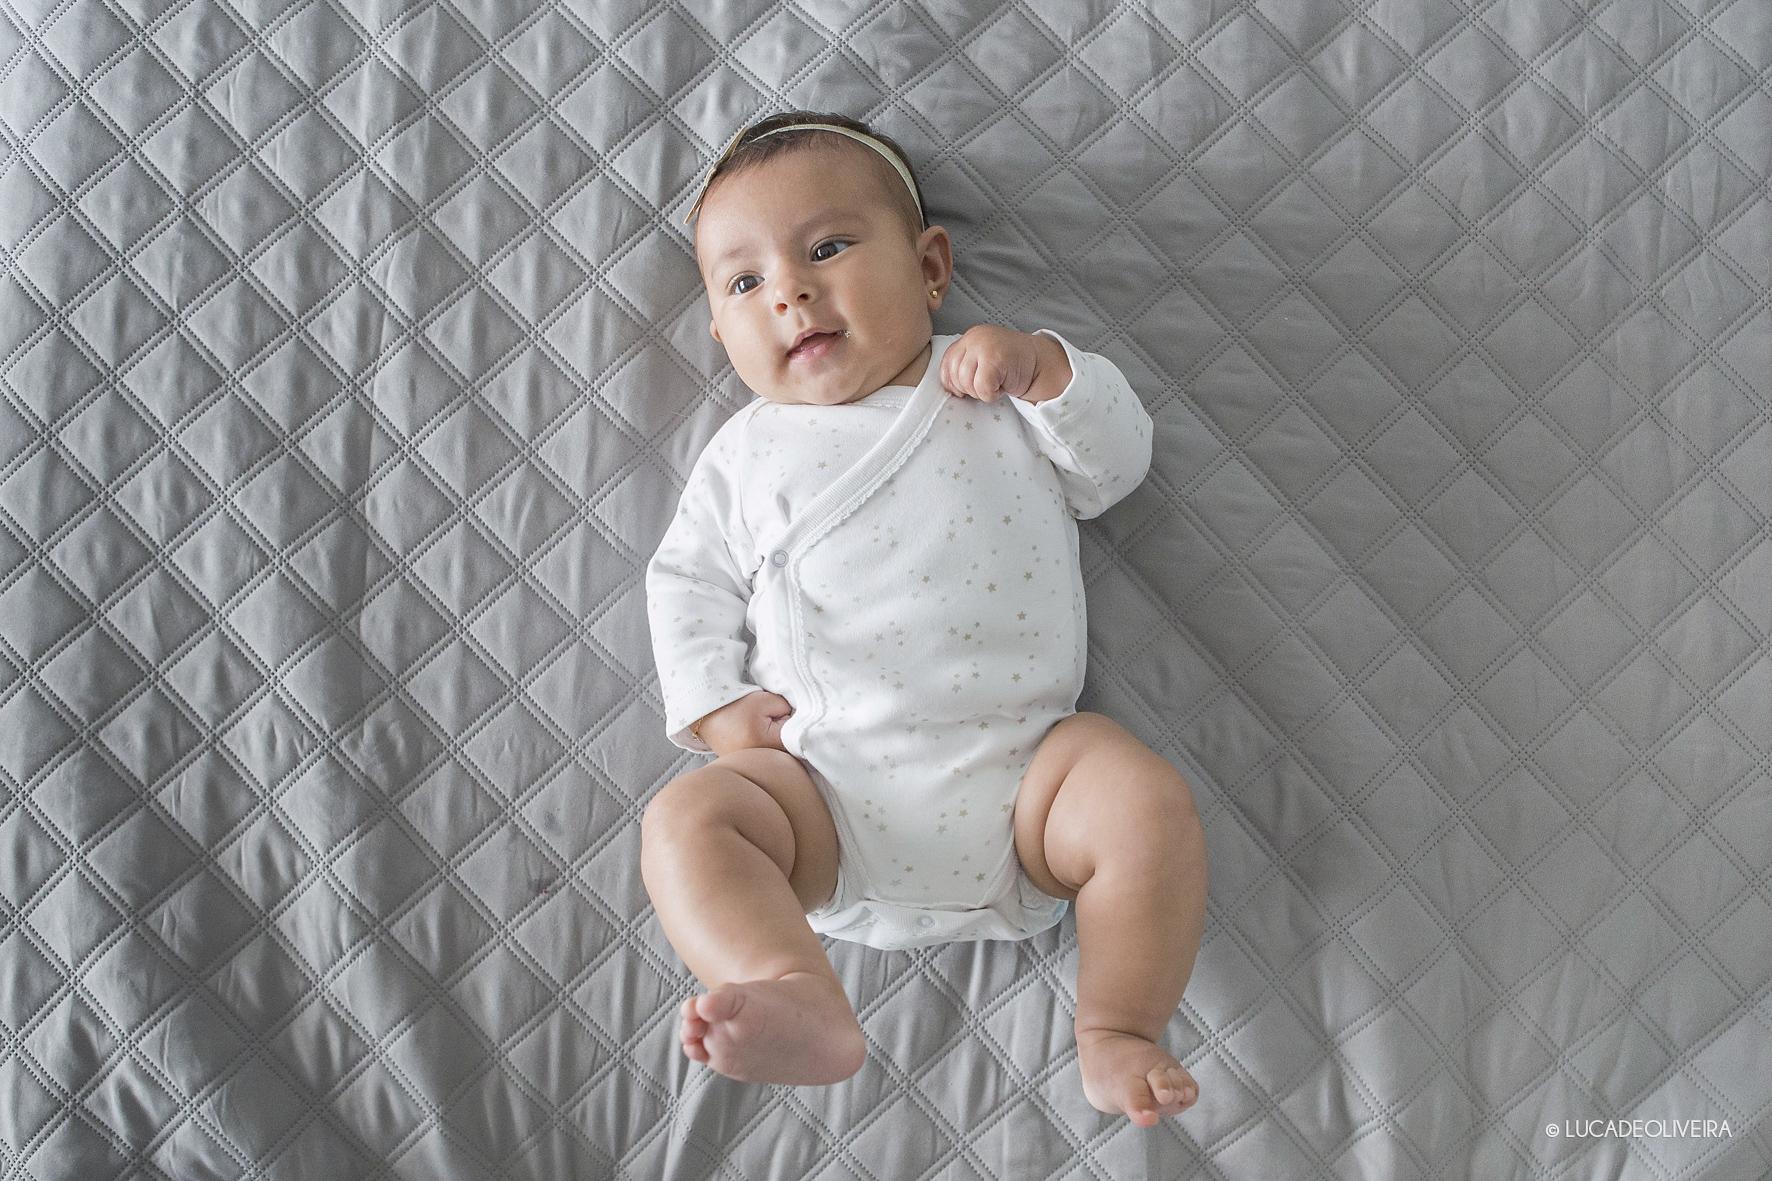 Antónia 3 meses_lucadeoliveirafotografia